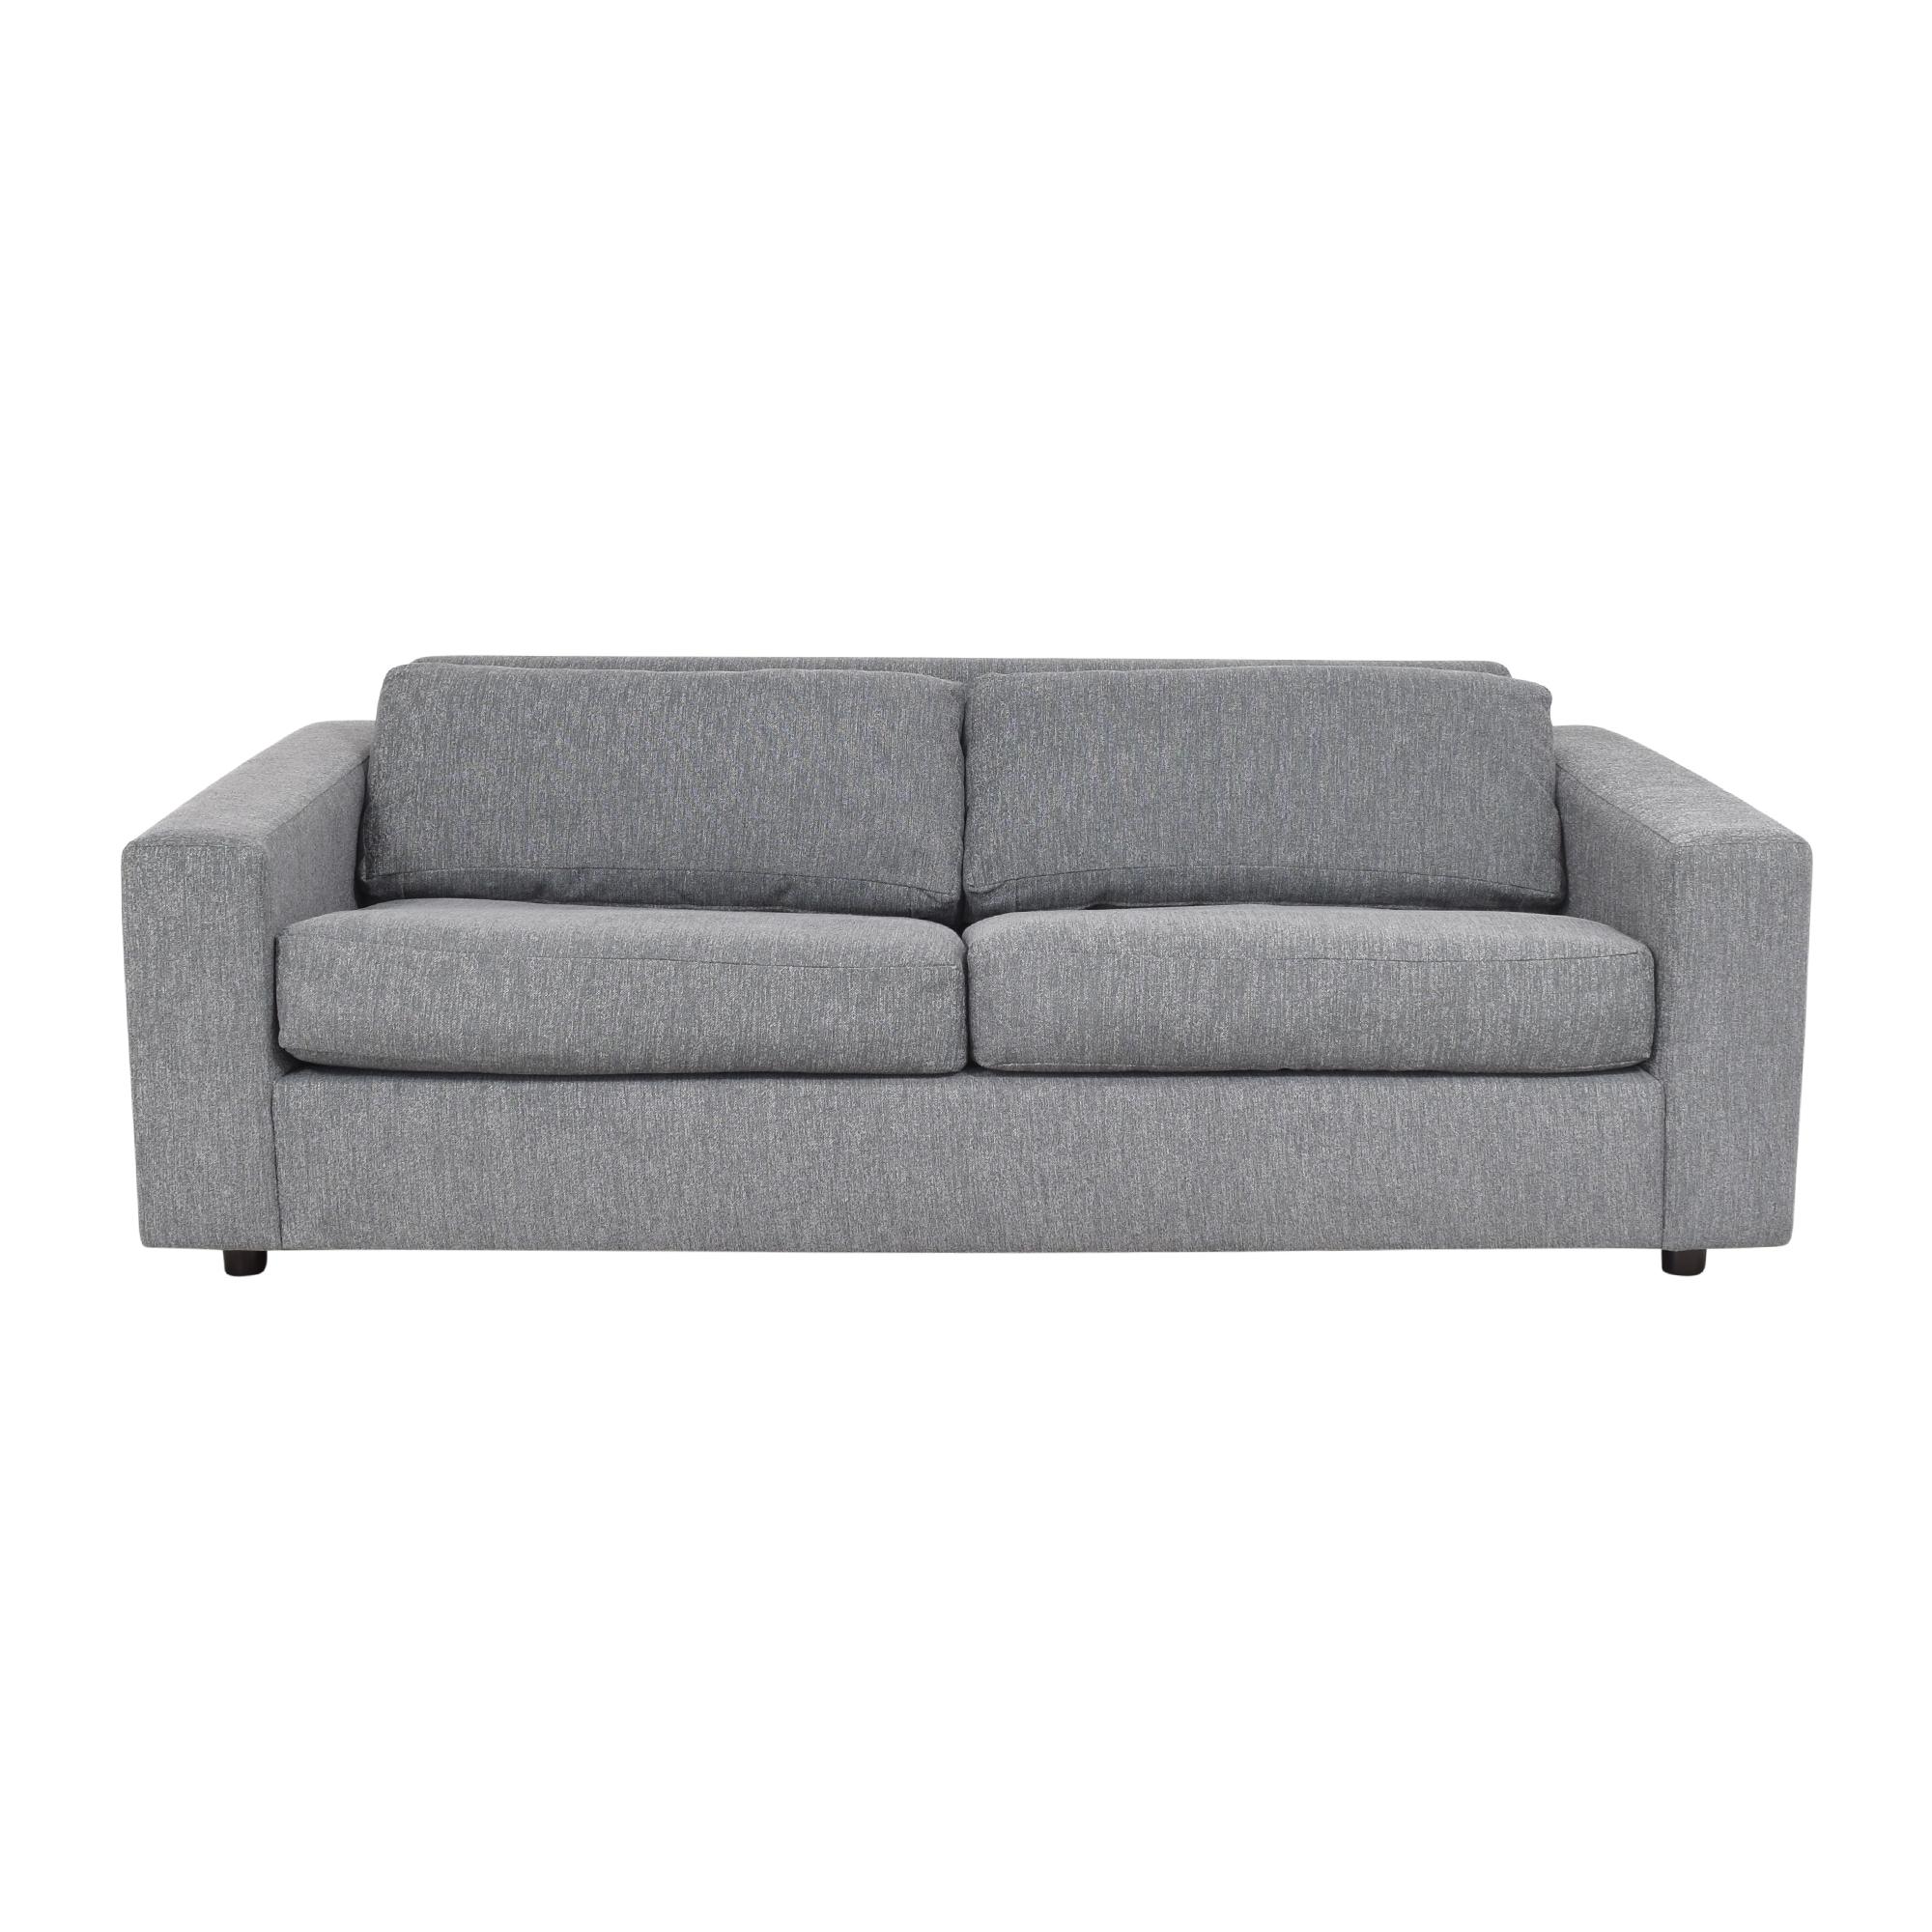 West Elm West Elm Urban Queen Sleeper Sofa ct